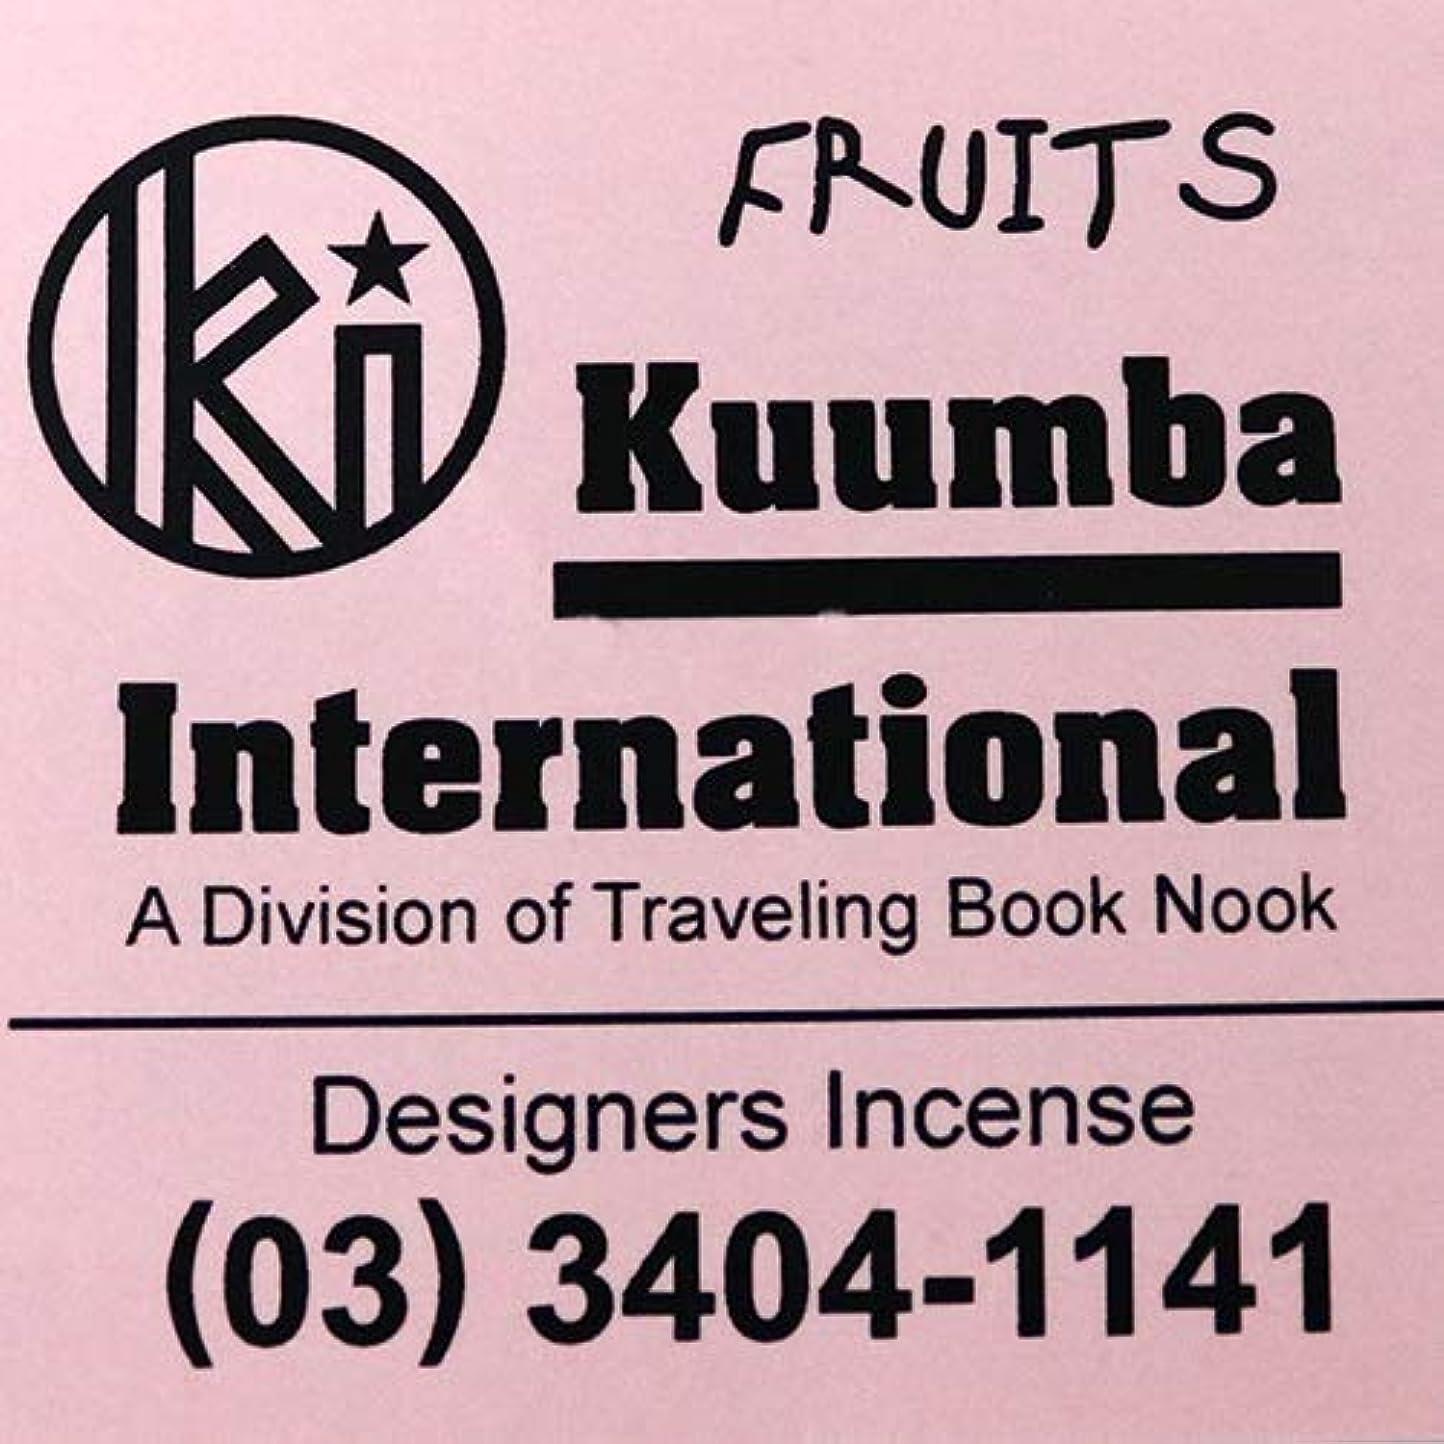 マリナー芸術微生物(クンバ) KUUMBA『incense』(FRUITS) (FRUITS, Regular size)